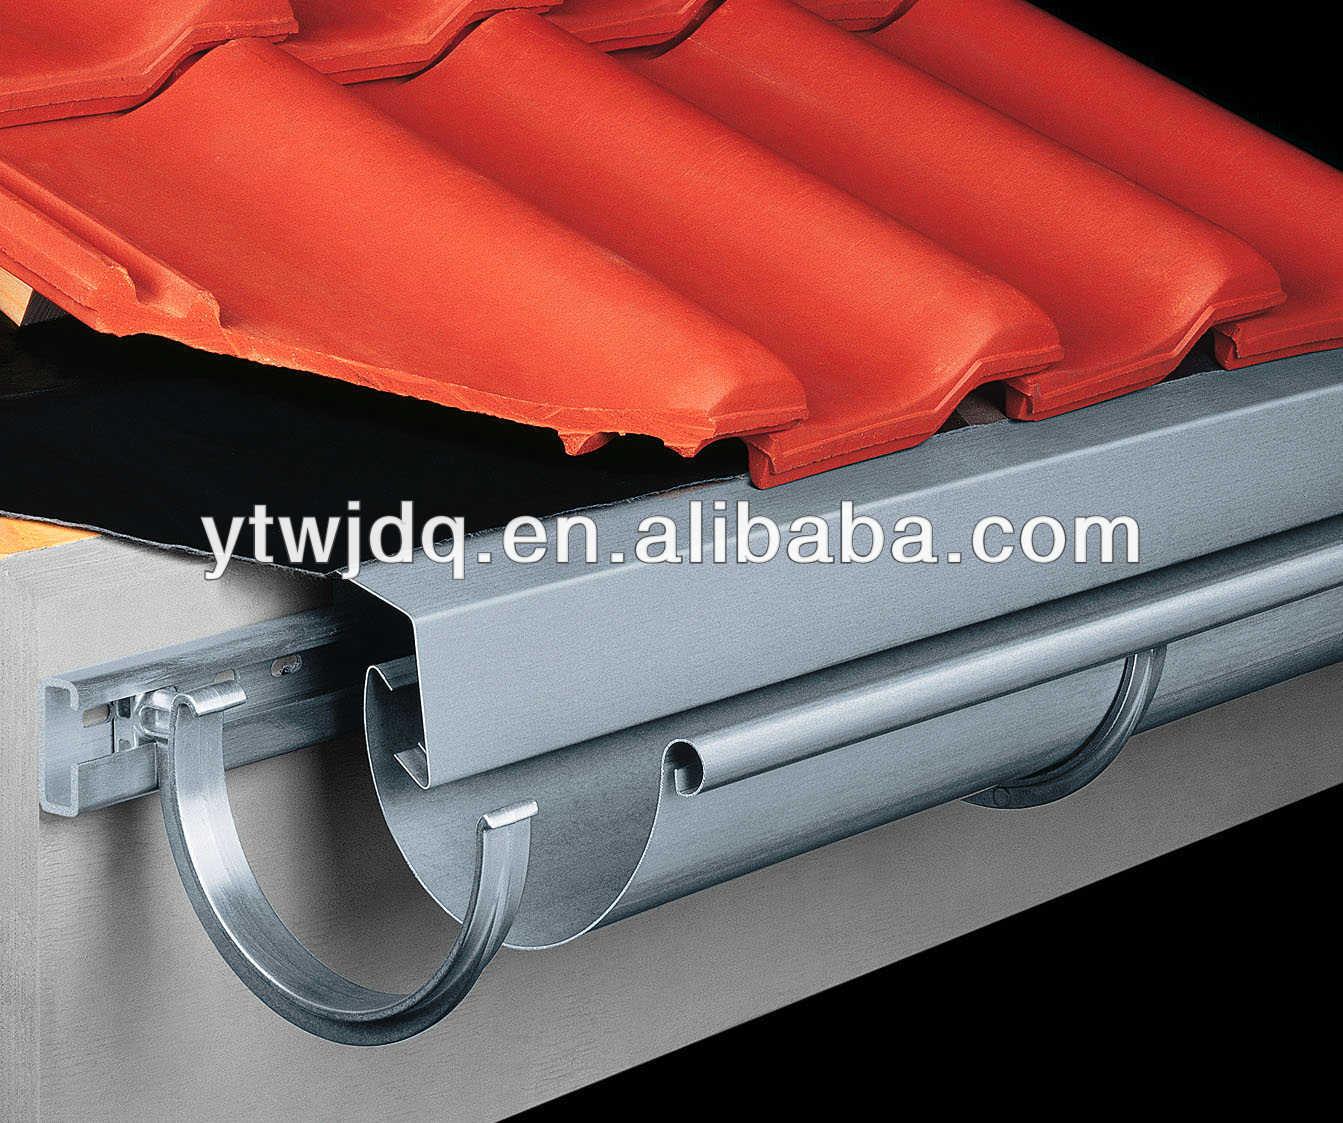 Как закрепить водостоки на крыше: инструкция, схемы, пошаговый монтаж 3